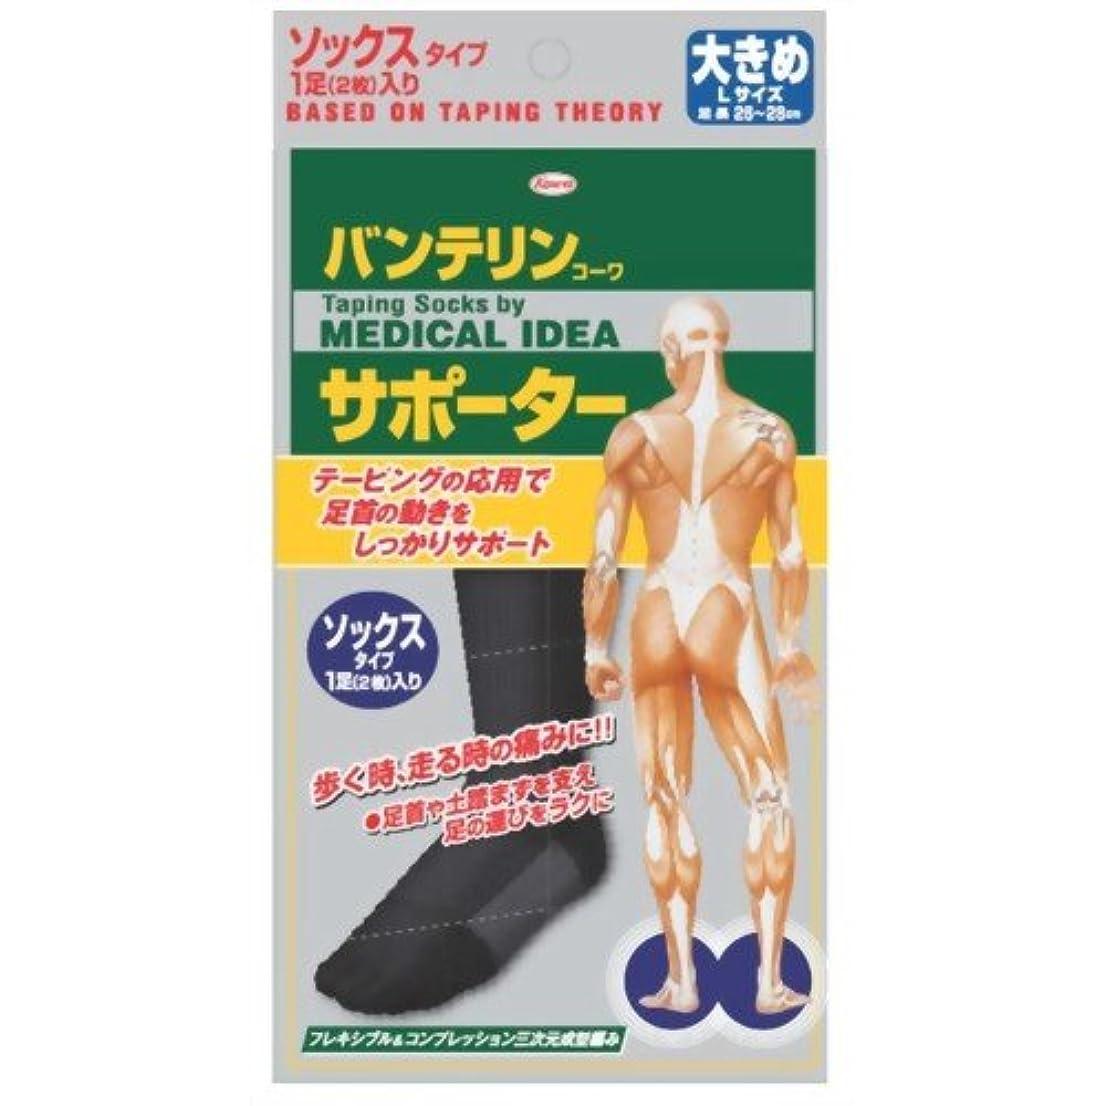 インサート打撃フェザーバンテリンコーワサポーター ソックスタイプ ブラック 大きめ(26~28cm) 1足(2枚入)